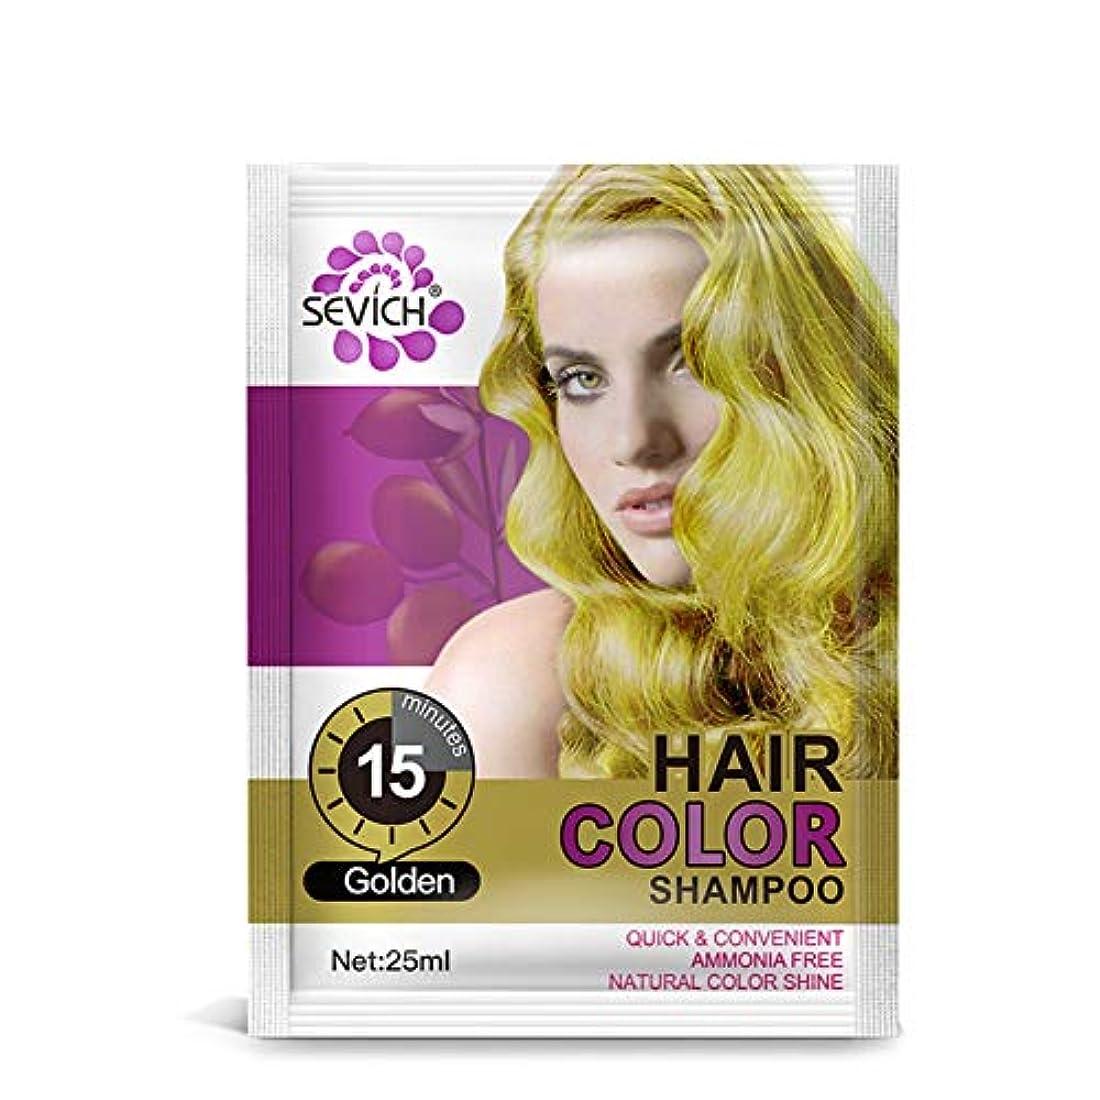 ガス本当のことを言うと大統領ヘアカラー ヘア染め ヘアカラースタイリング 髪の色のシャンプ スタイリングカラーヘアシャンプー 純粋な植物 自然 刺激ない ヘアケア Cutelove